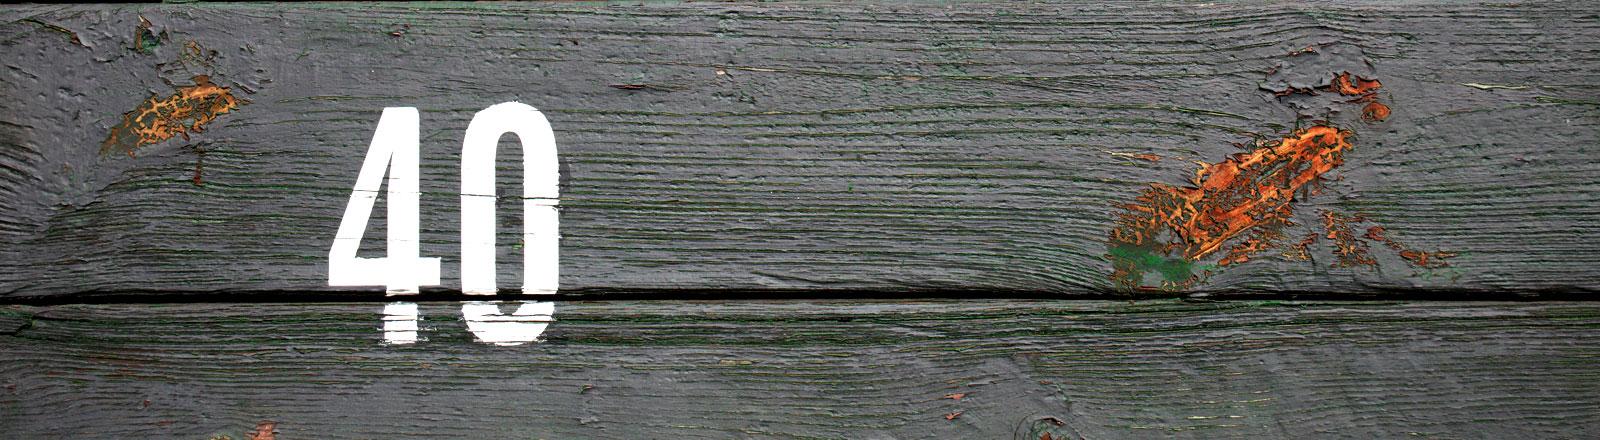 Die Zahl 40 auf Holzplanken.